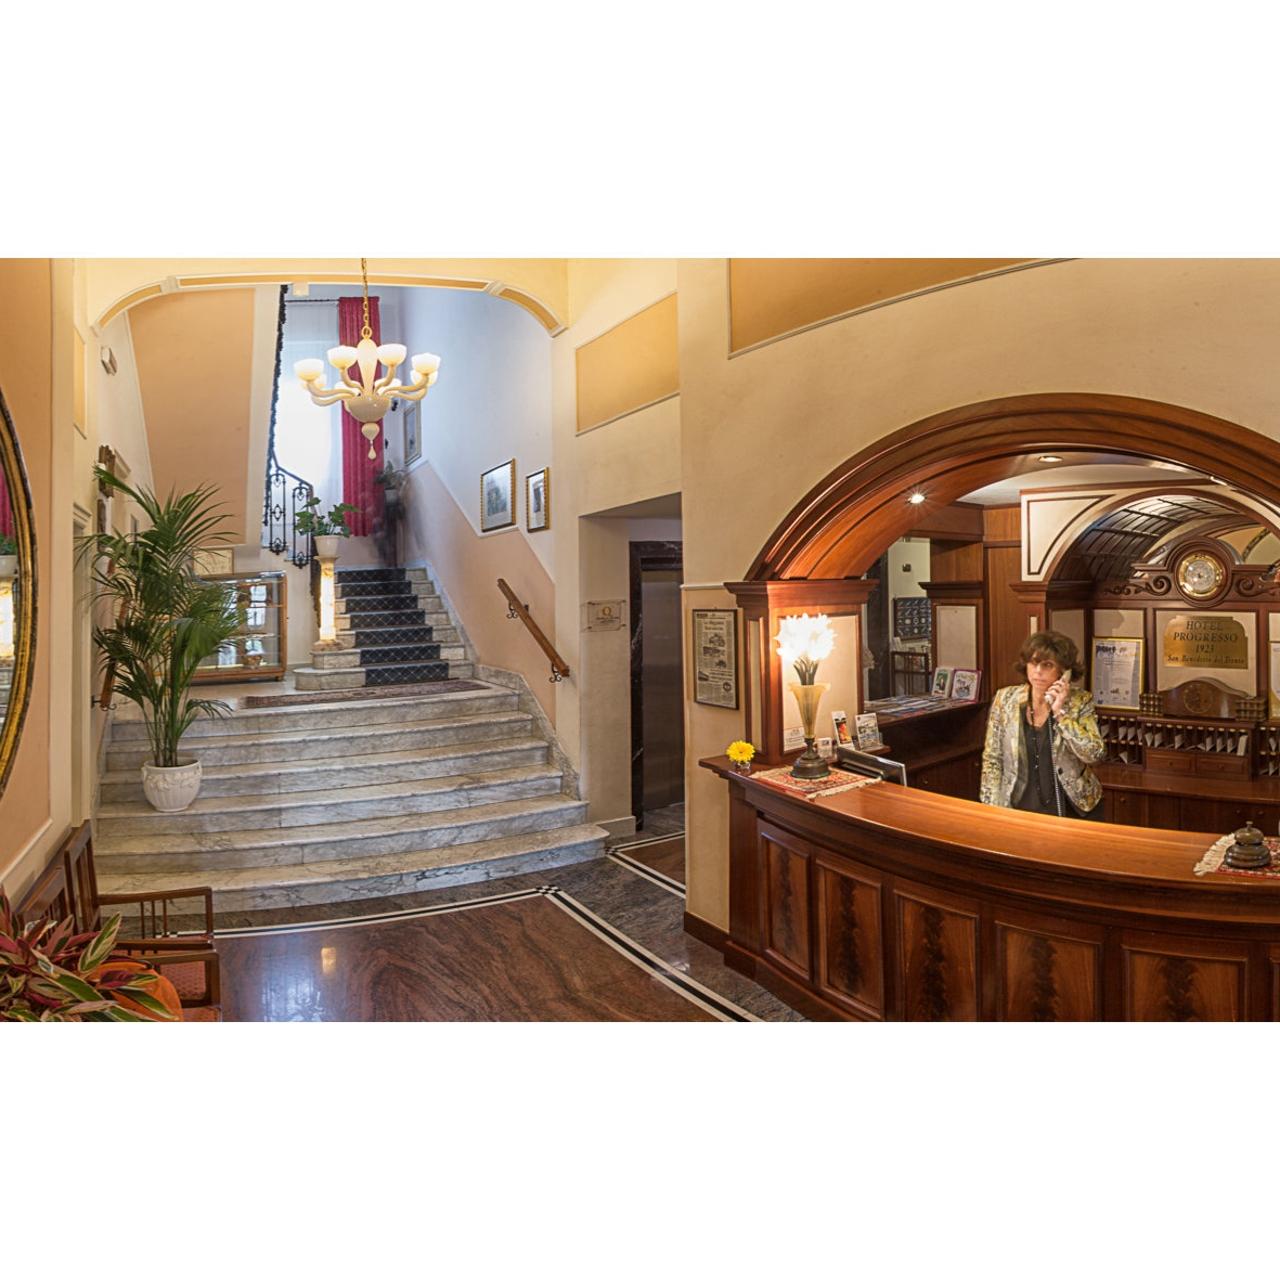 Hotel Progresso 4 Hrs Star Hotel In San Benedetto Del Tronto Marche